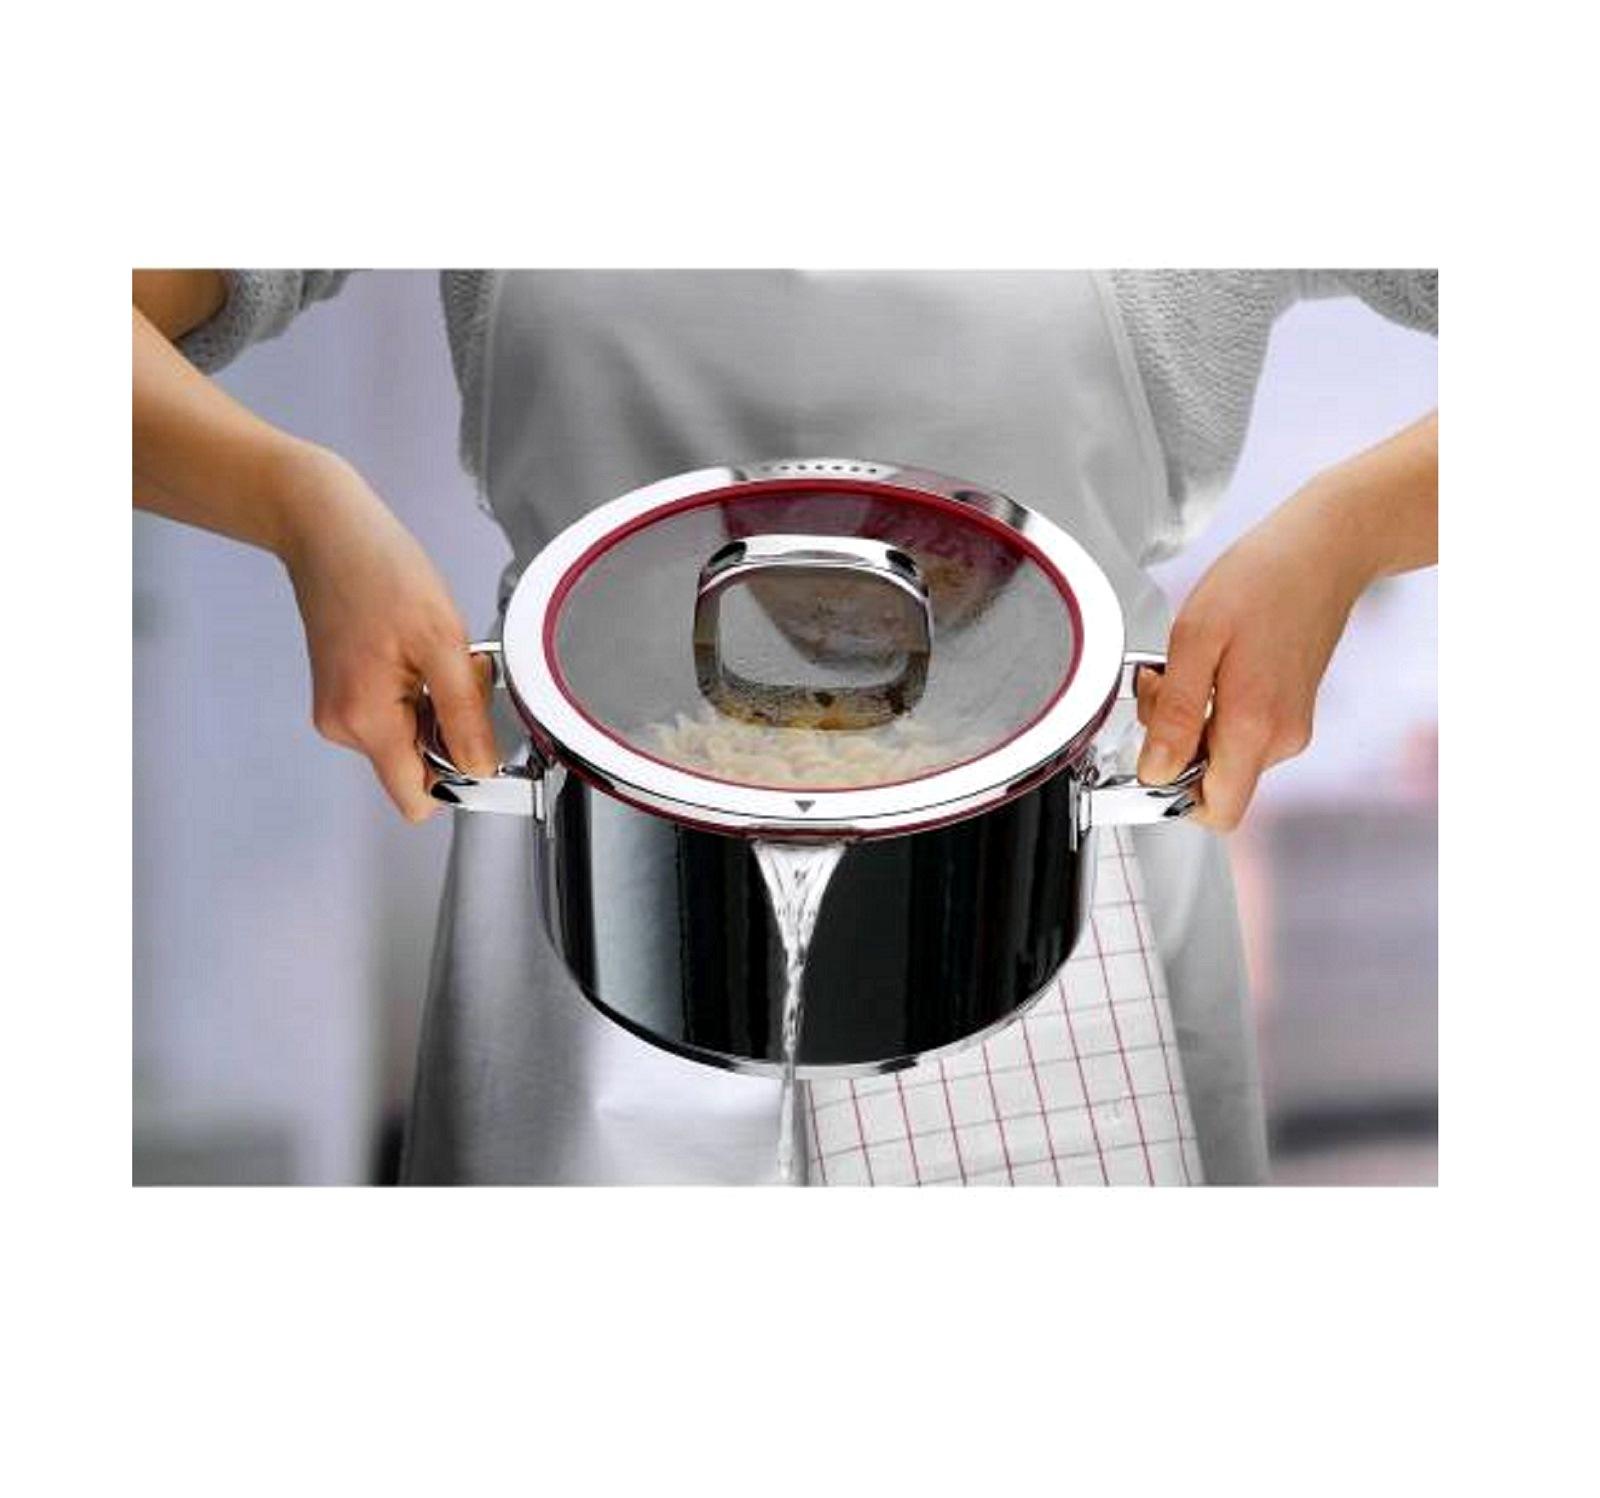 Набор кухонной посуды WMF FUSIONTEC MINERAL, черный, 4 предмета WMF 05 1740 5290 фото 4